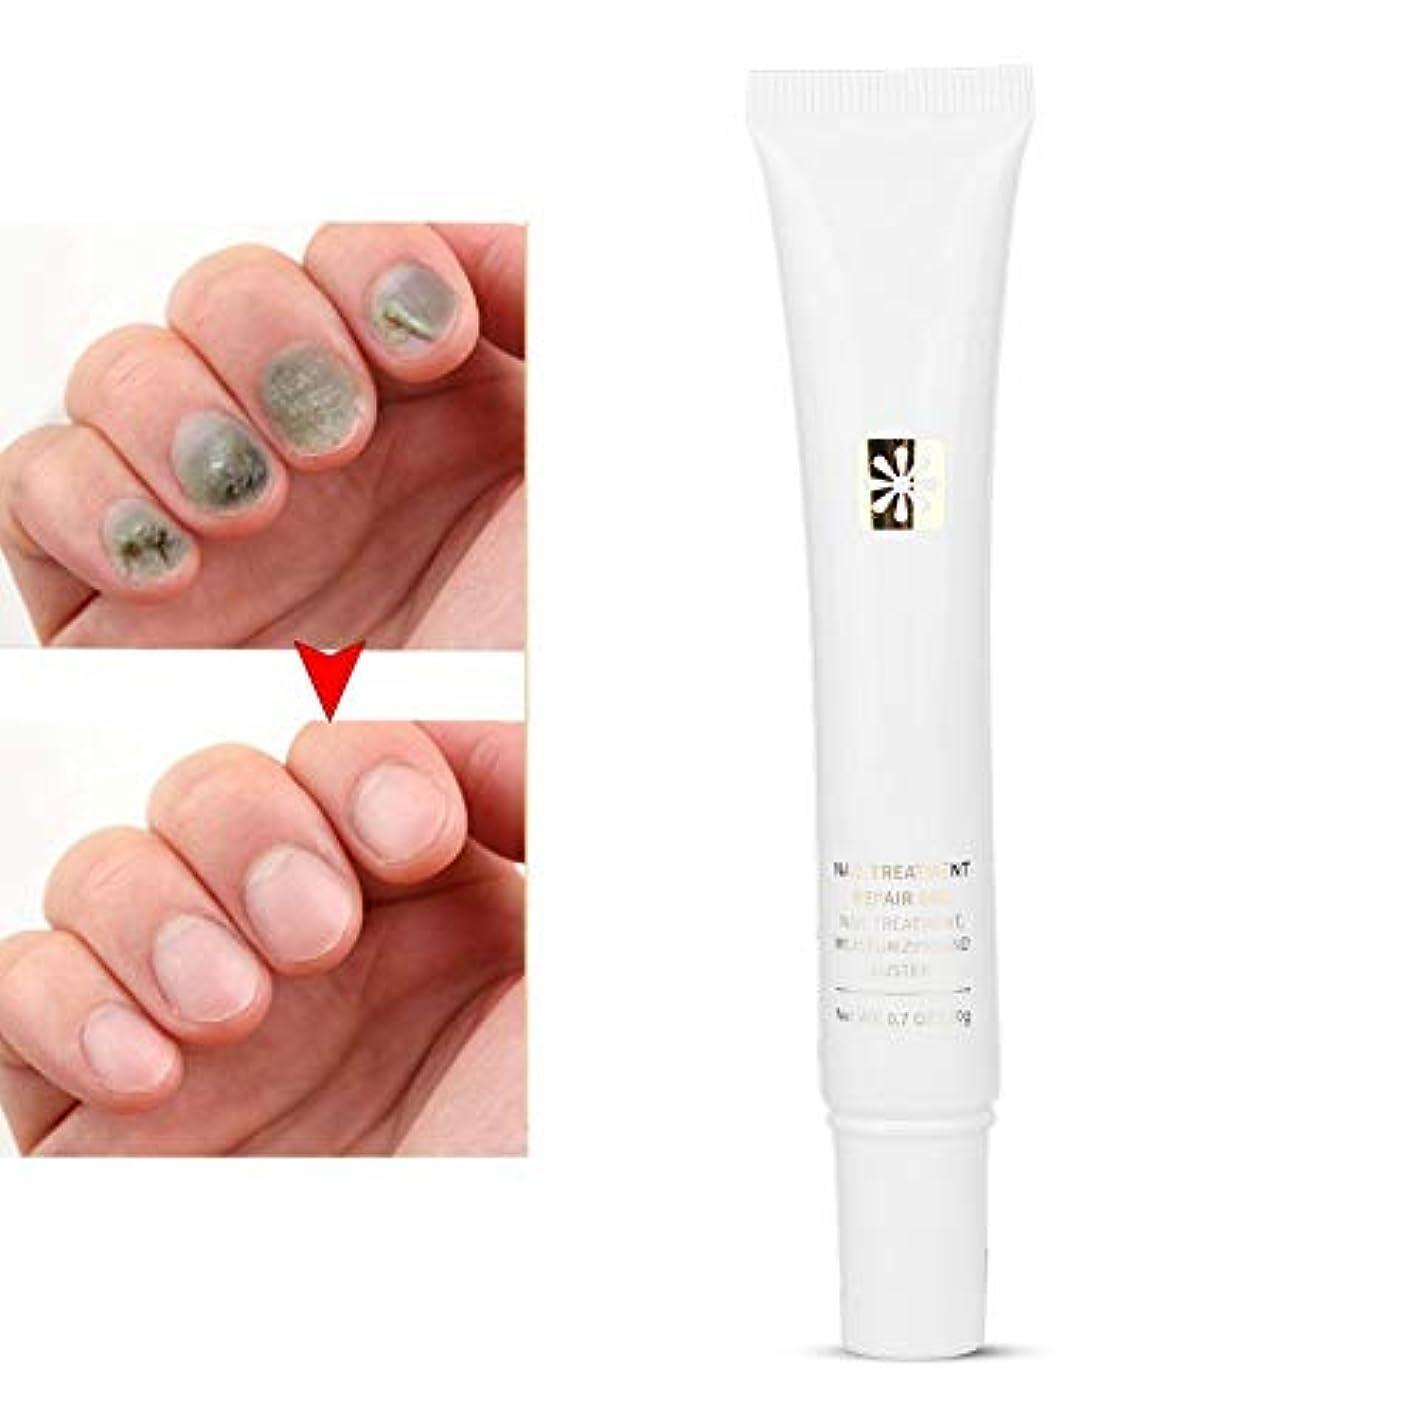 お風呂側キャップネイルケアクリーム、20g爪の補修霜の足のりのなめらかなダメージを受けた爪の回復に効果的です